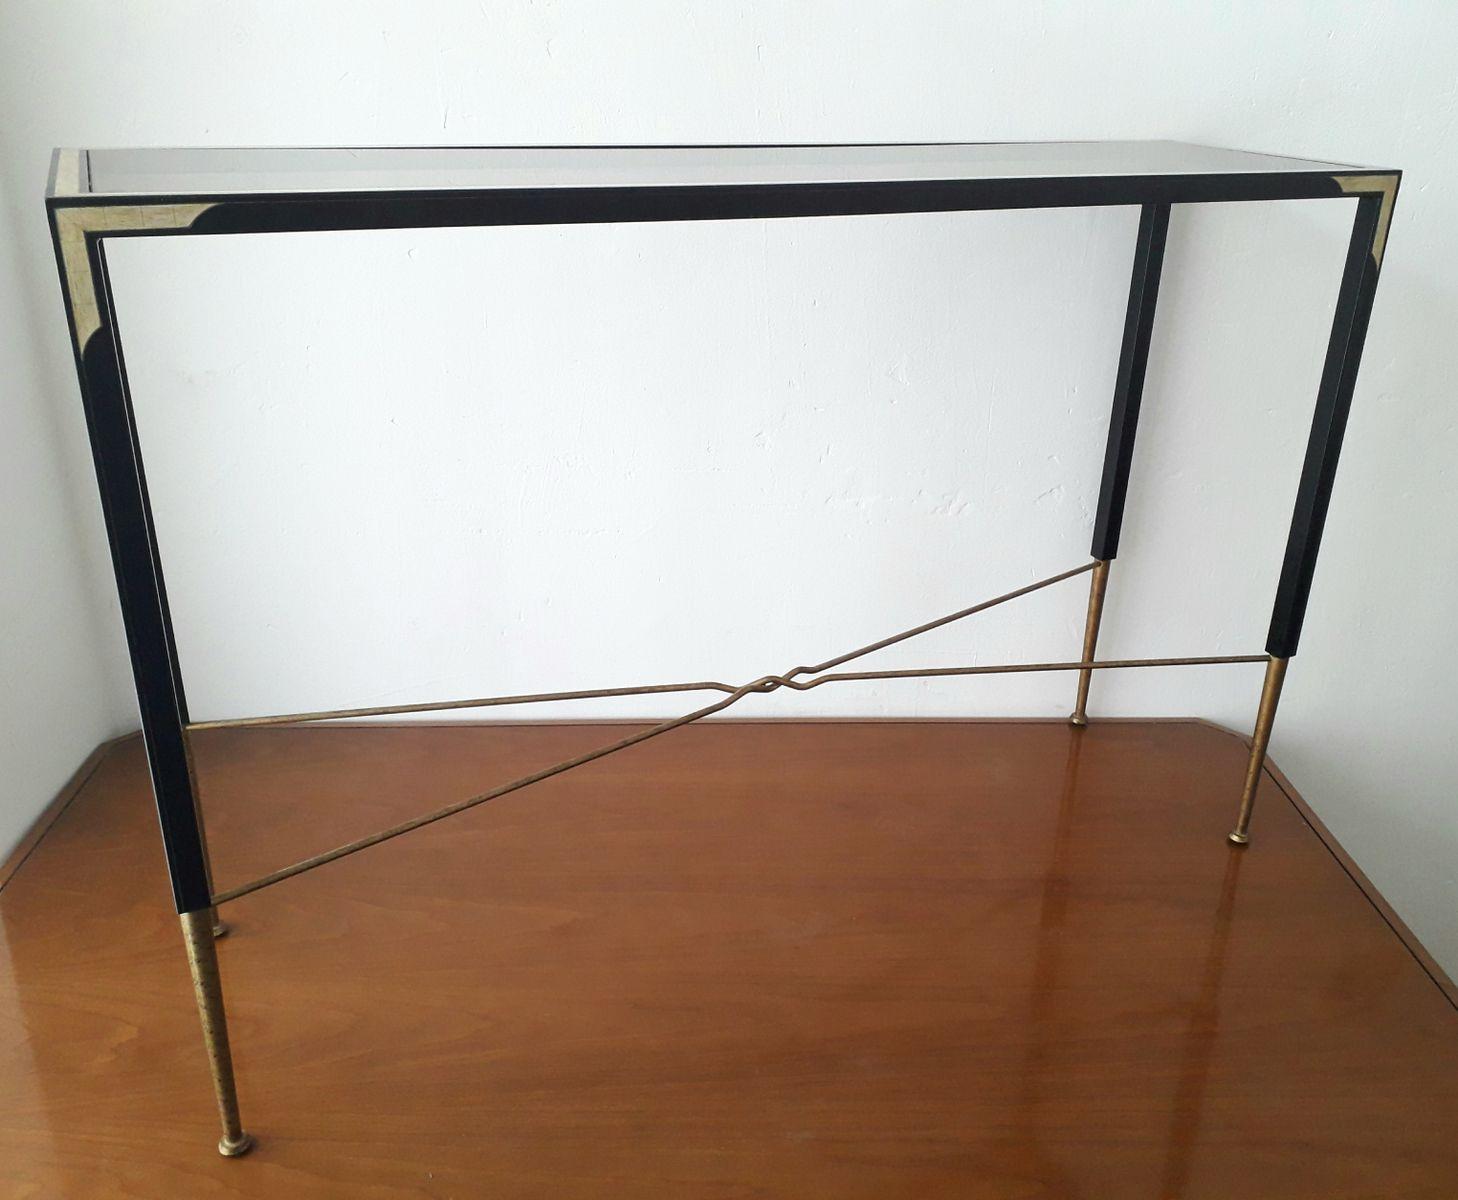 konsolentisch aus metall und rauchglas 1980er bei pamono. Black Bedroom Furniture Sets. Home Design Ideas